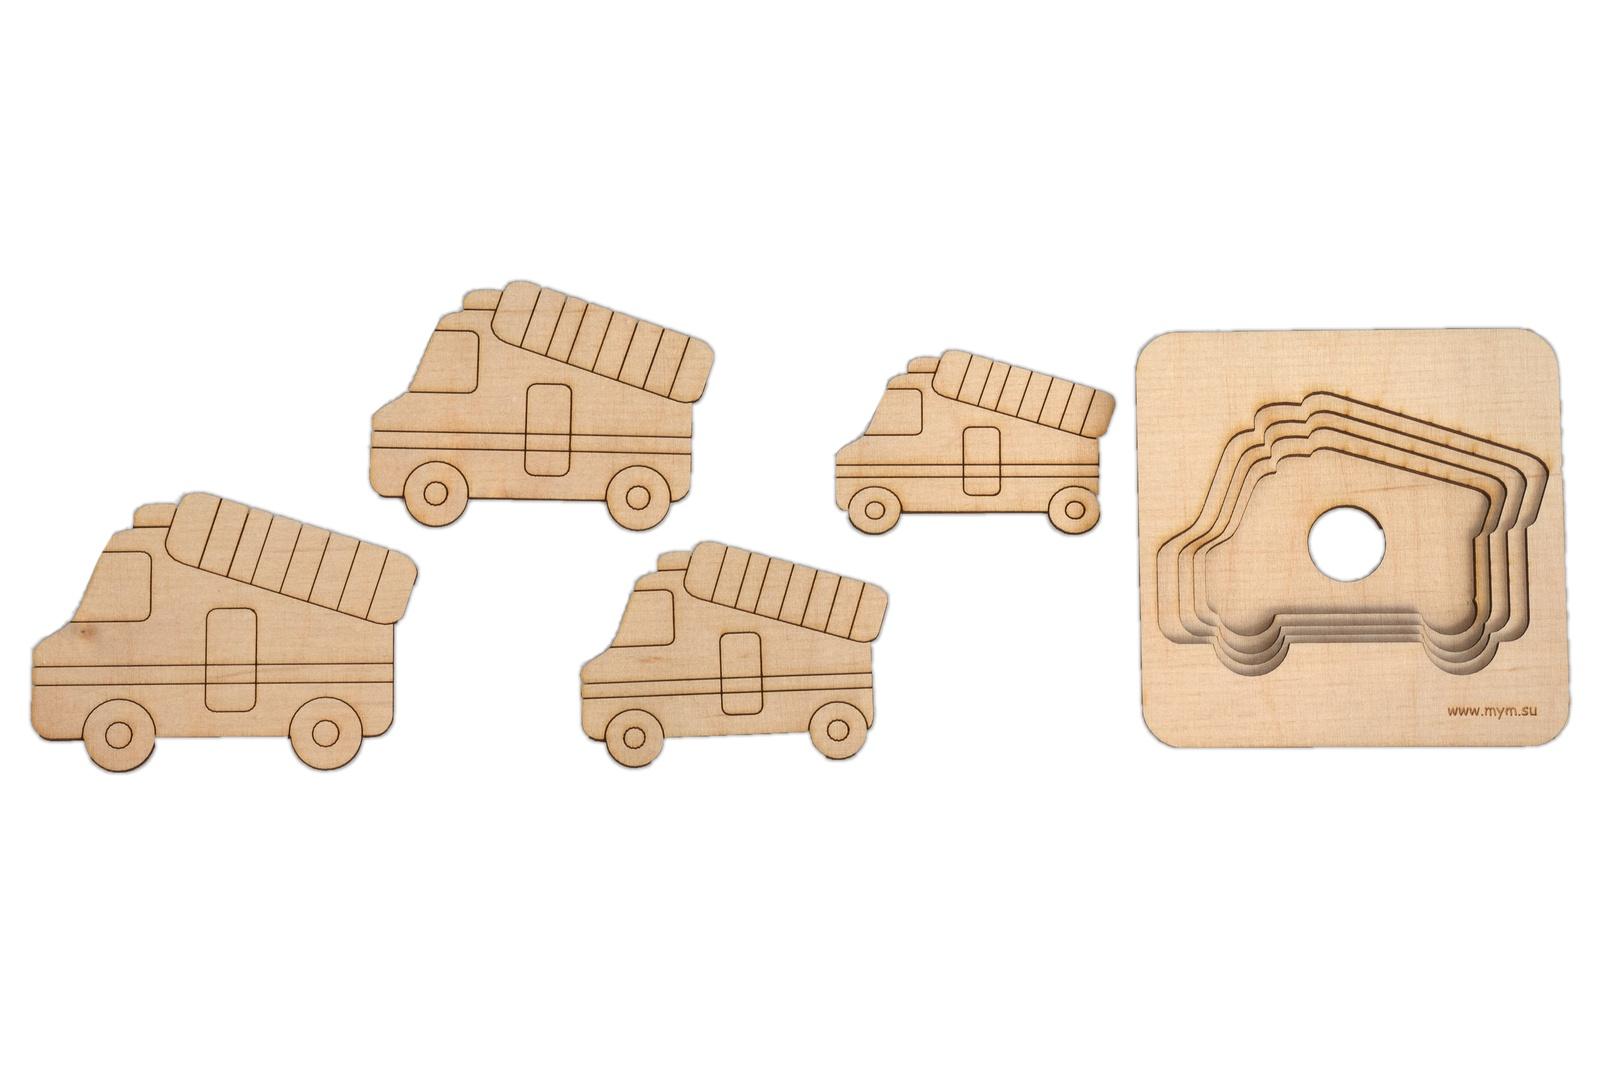 Игрушка-головоломка МУМ Пожарная Машина, ВТ2.4, дерево в благов пожарная машина книжка игрушка